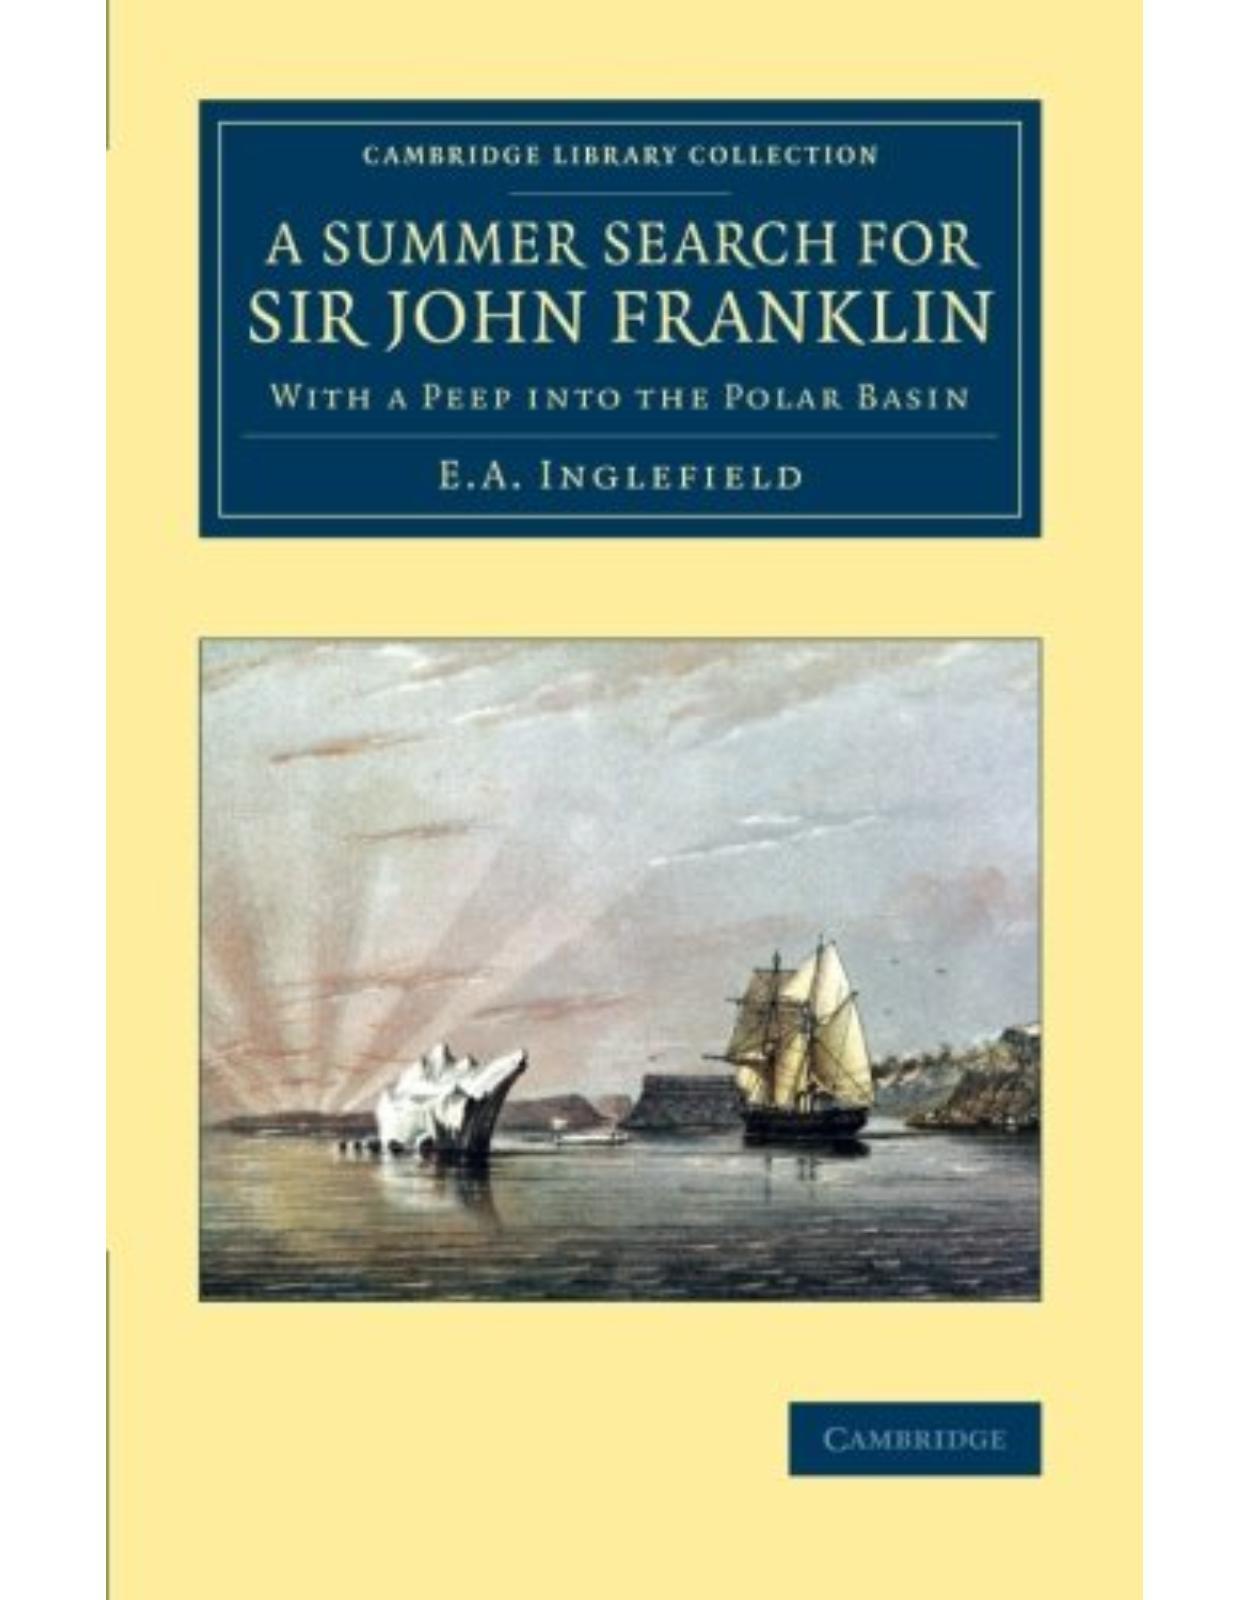 A Summer Search for Sir John Franklin: With a Peep into the Polar Basin (Cambridge Library Collection - Polar Exploration)